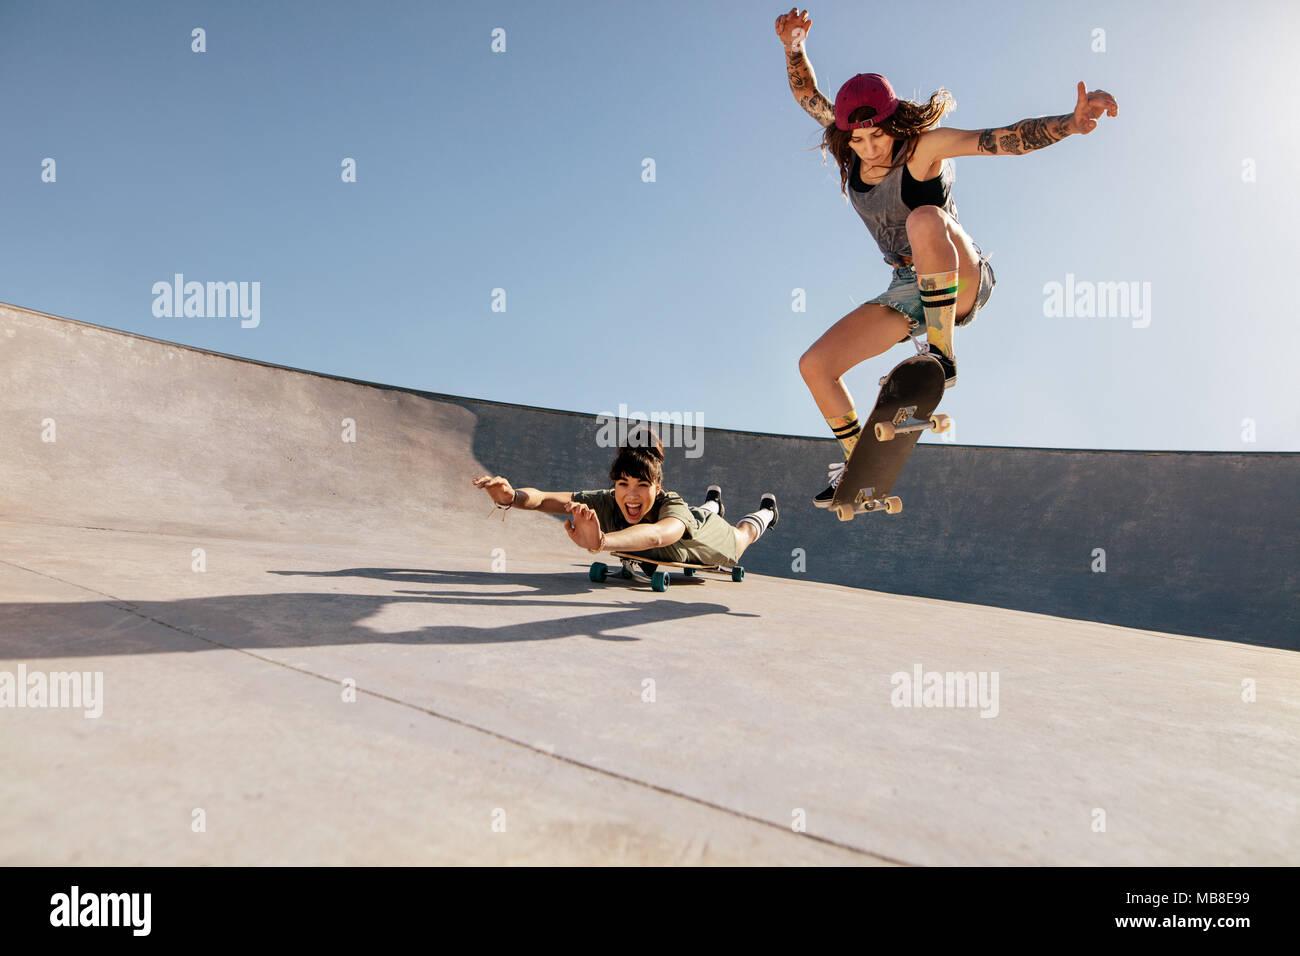 Two women doing stunts on skateboards at skate park. Female friends practising skateboarding outdoors. Stock Photo